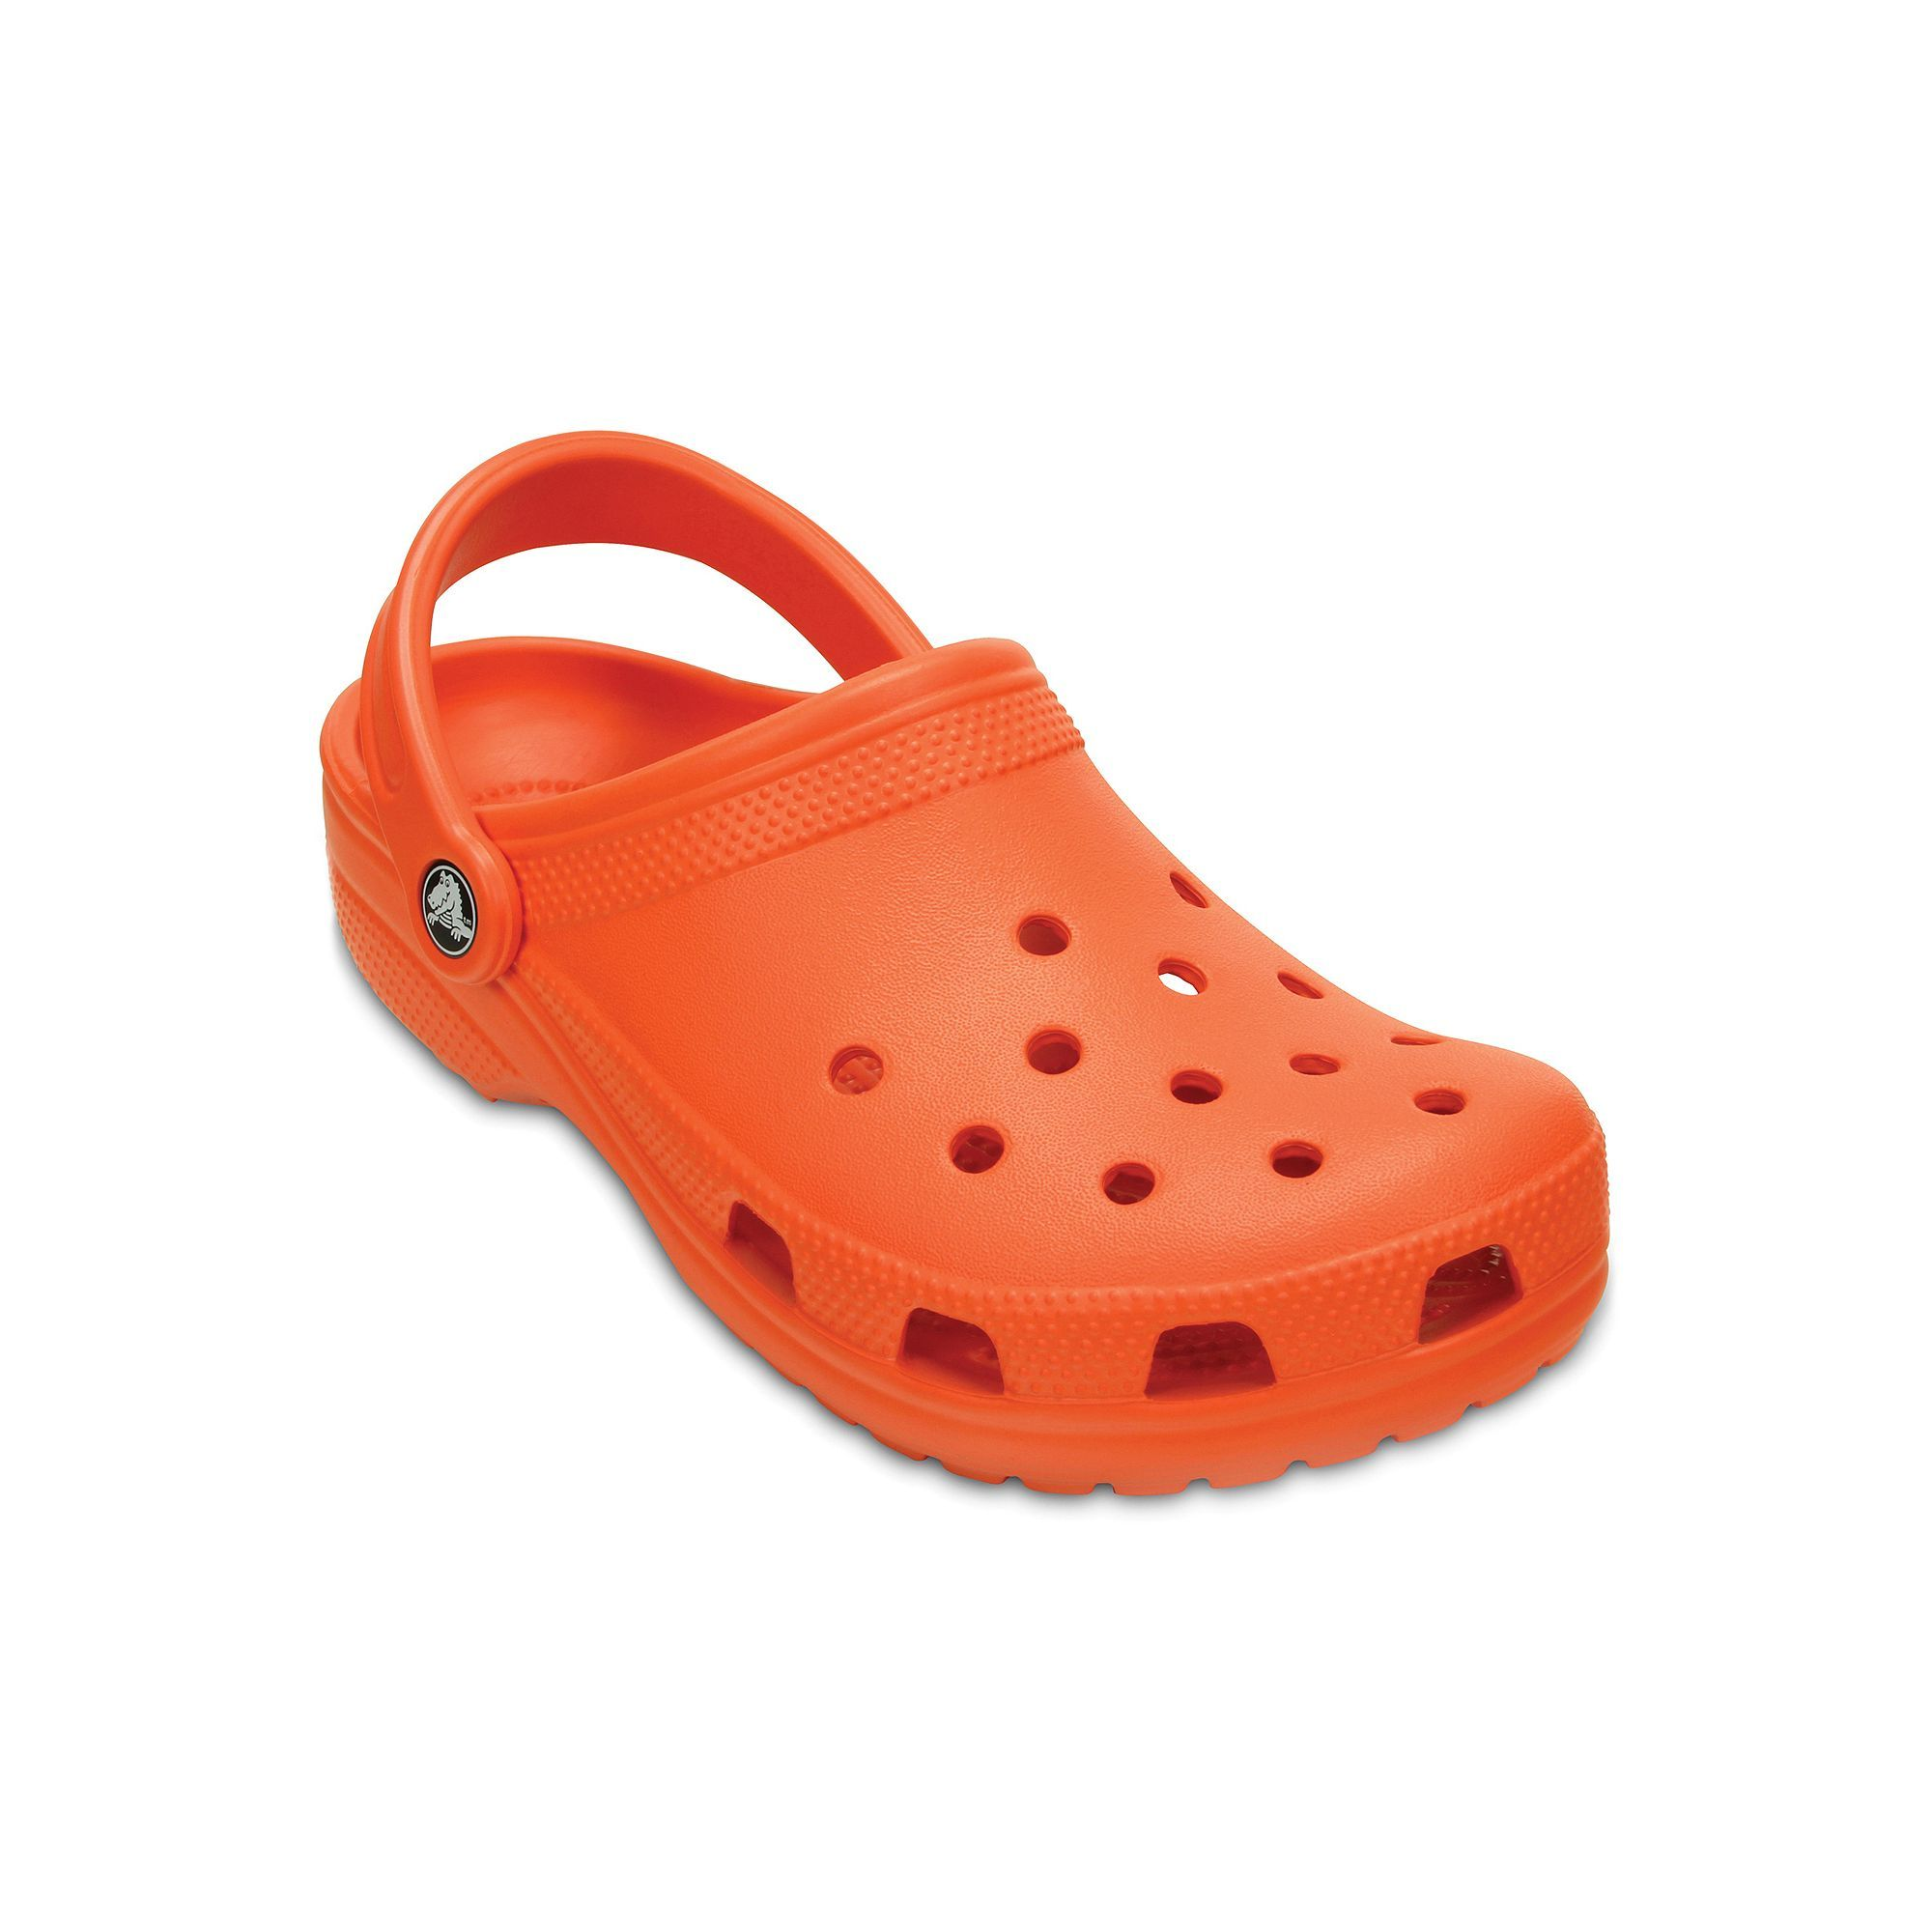 0a40efbd8f64 Crocs Classic Adult Clogs